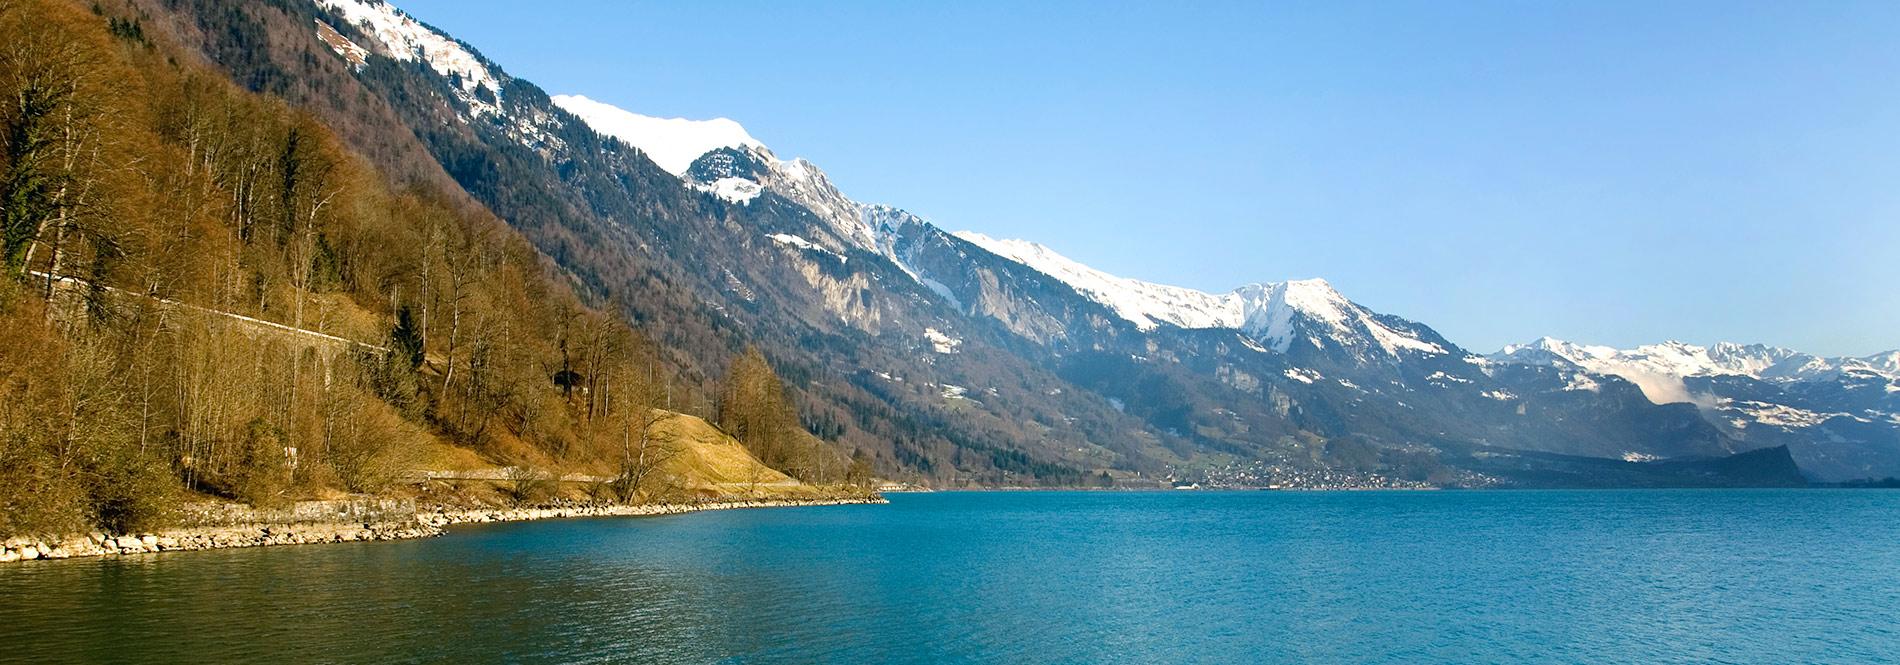 Camping lac l man reposez vous proximit du lac avec for Camping lac du bourget avec piscine